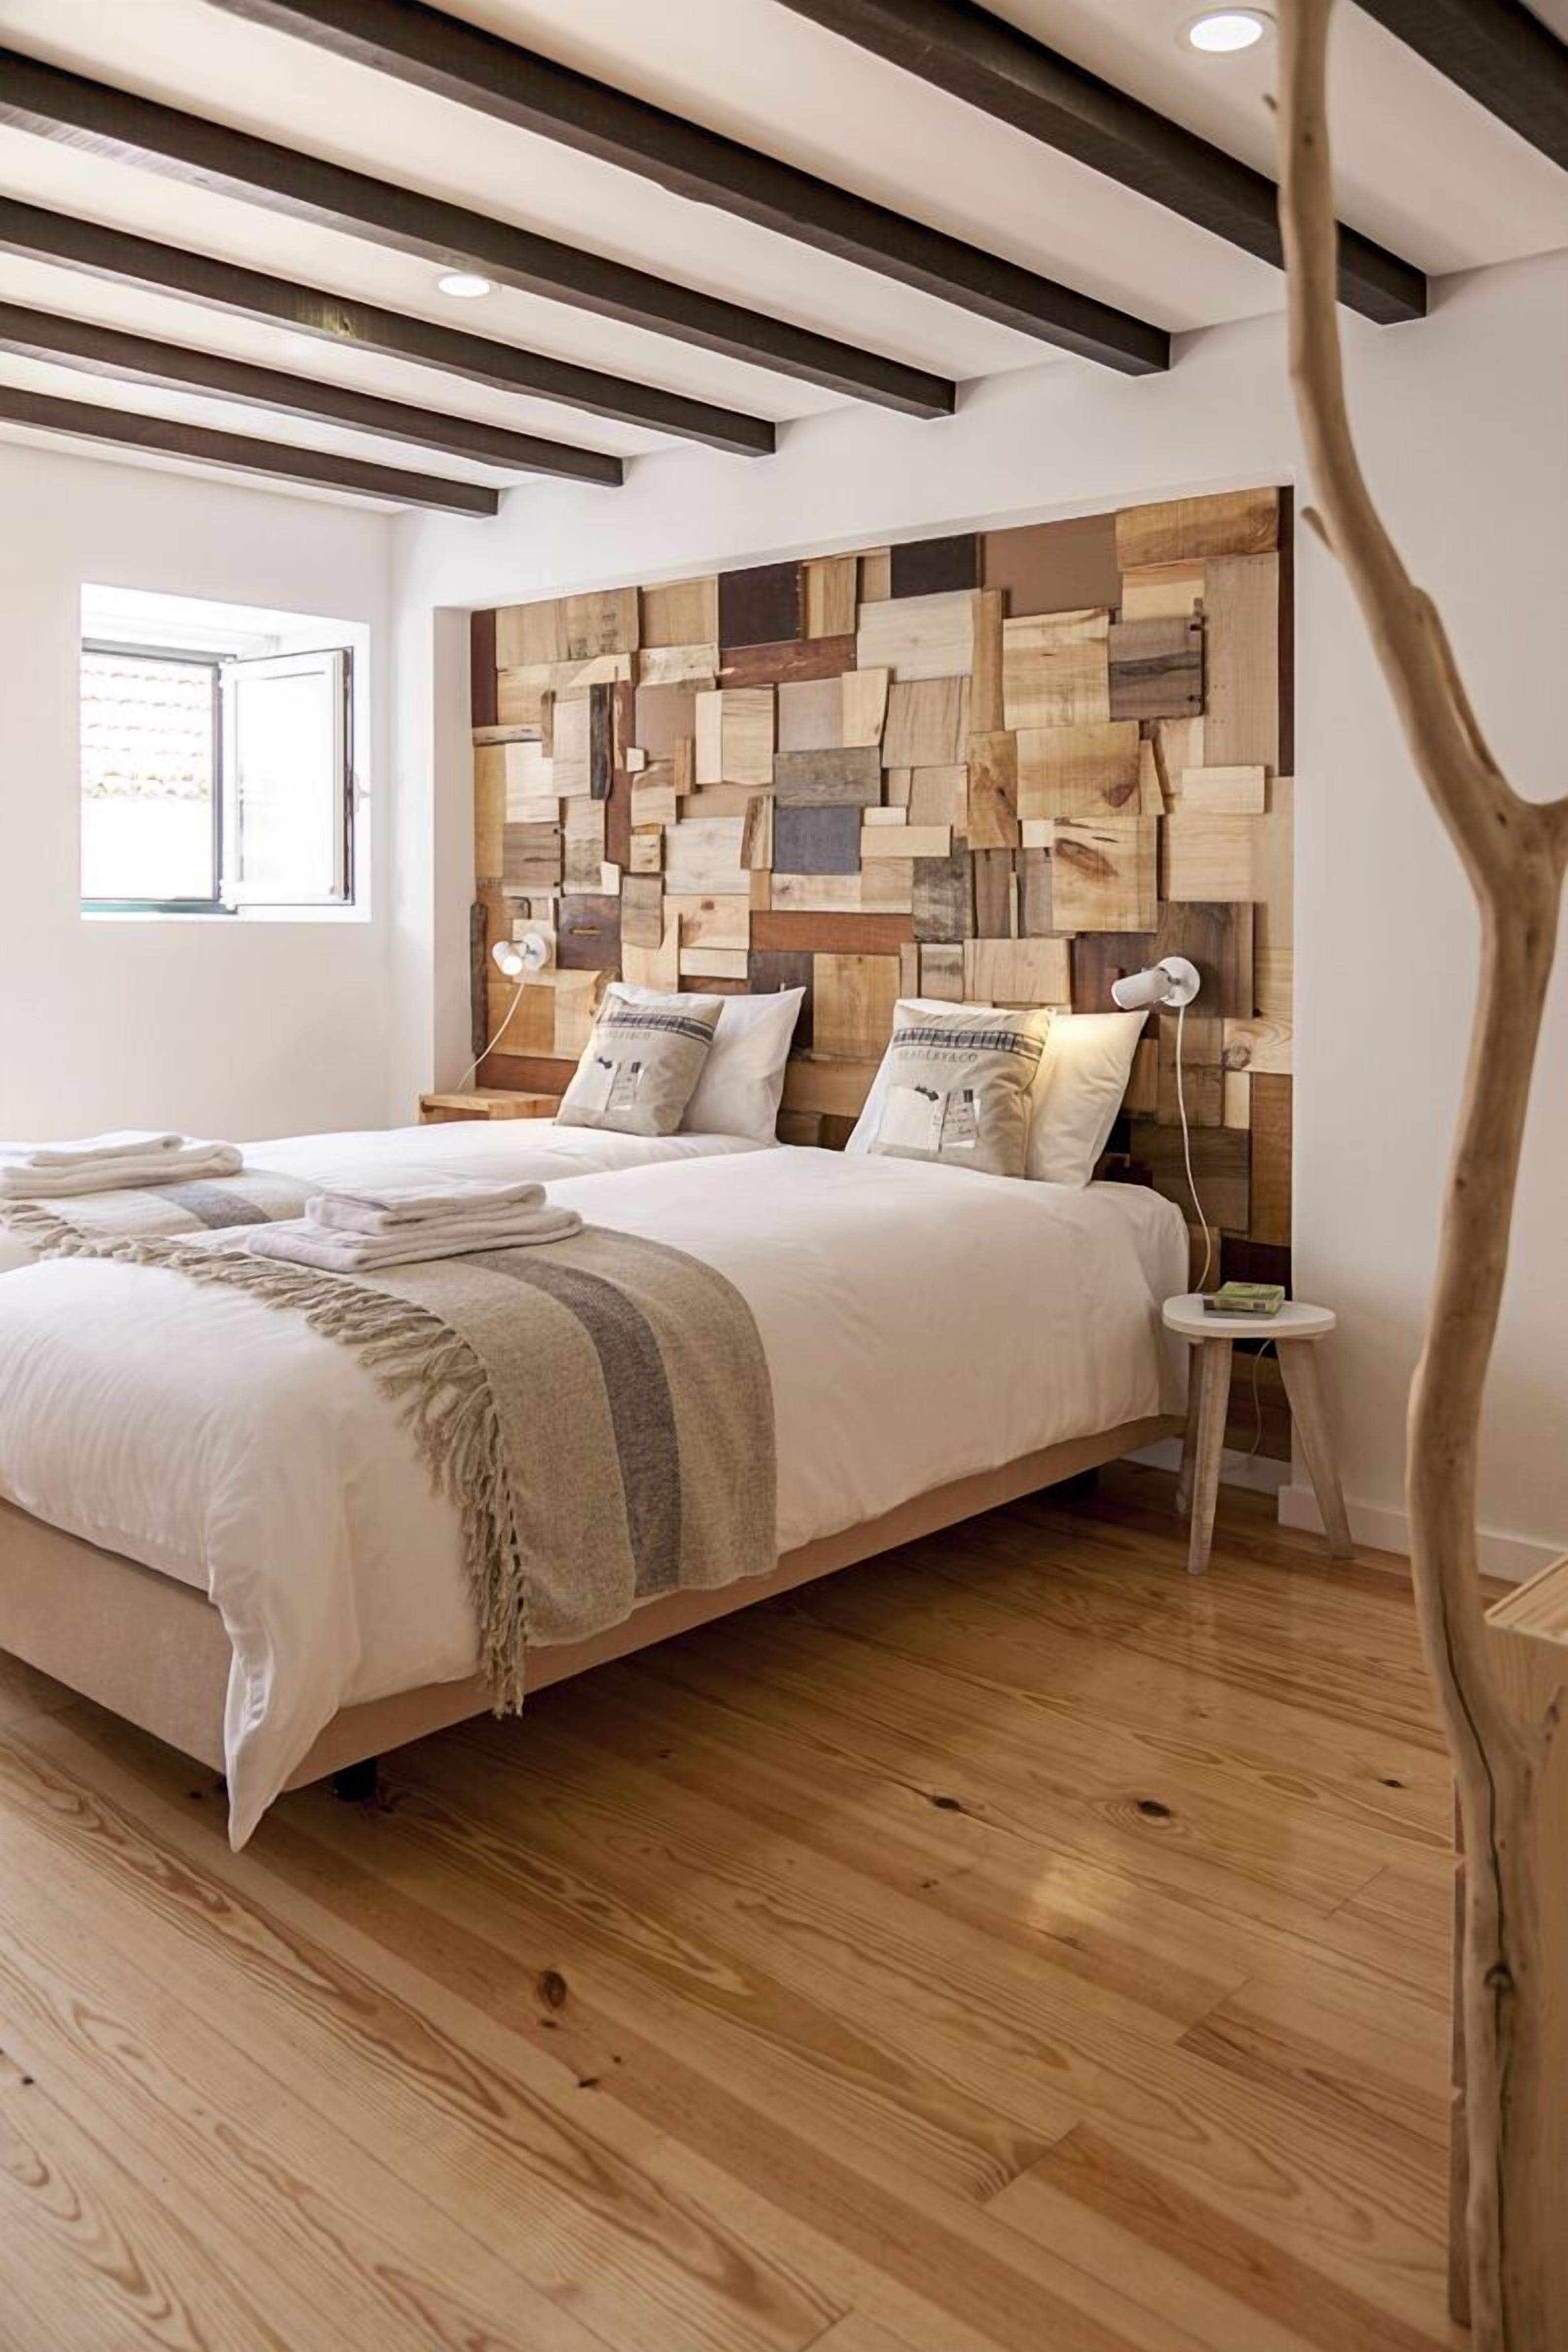 Bairro Studio Apartment By Lu Holidays Precos Promocoes E Comentarios Expedia Com Br